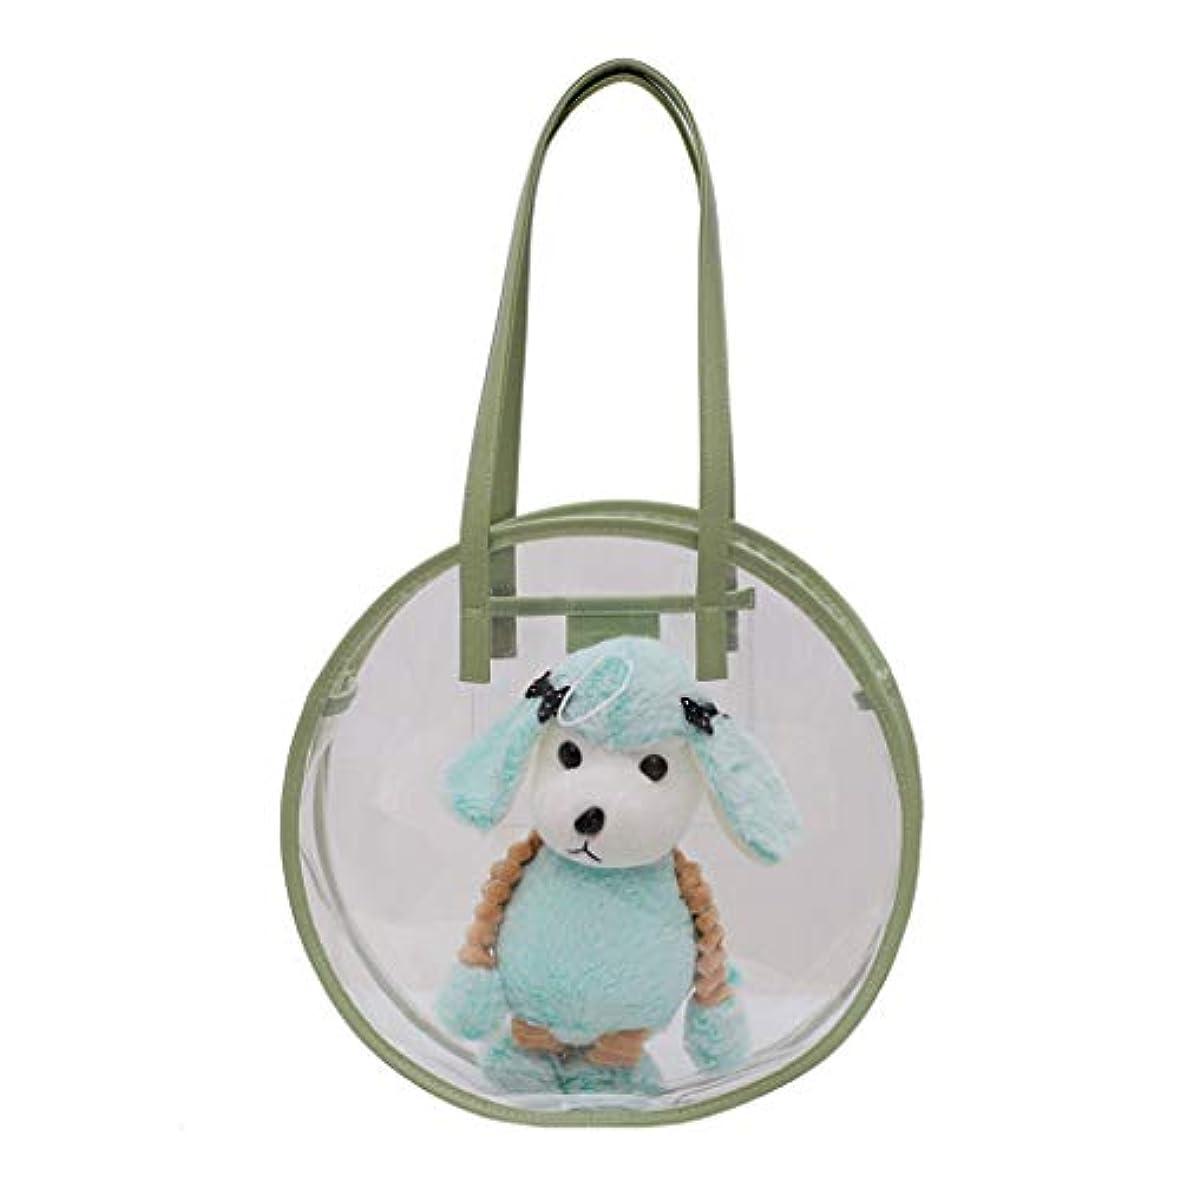 器具給料服を着るかわいいファッション 犬の特徴 透明防水 ビーチバッグ ポータブル 透明化粧品バッグ 旅行用メイクポーチ ジッパー 防水 トートバッグ 取り外し可能 調整 33X9X33cm 3色